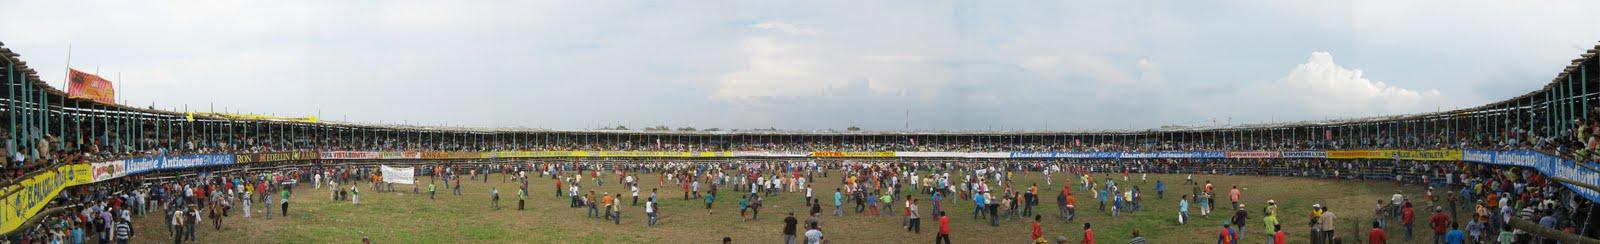 Corralejas de Sincelejo 2013